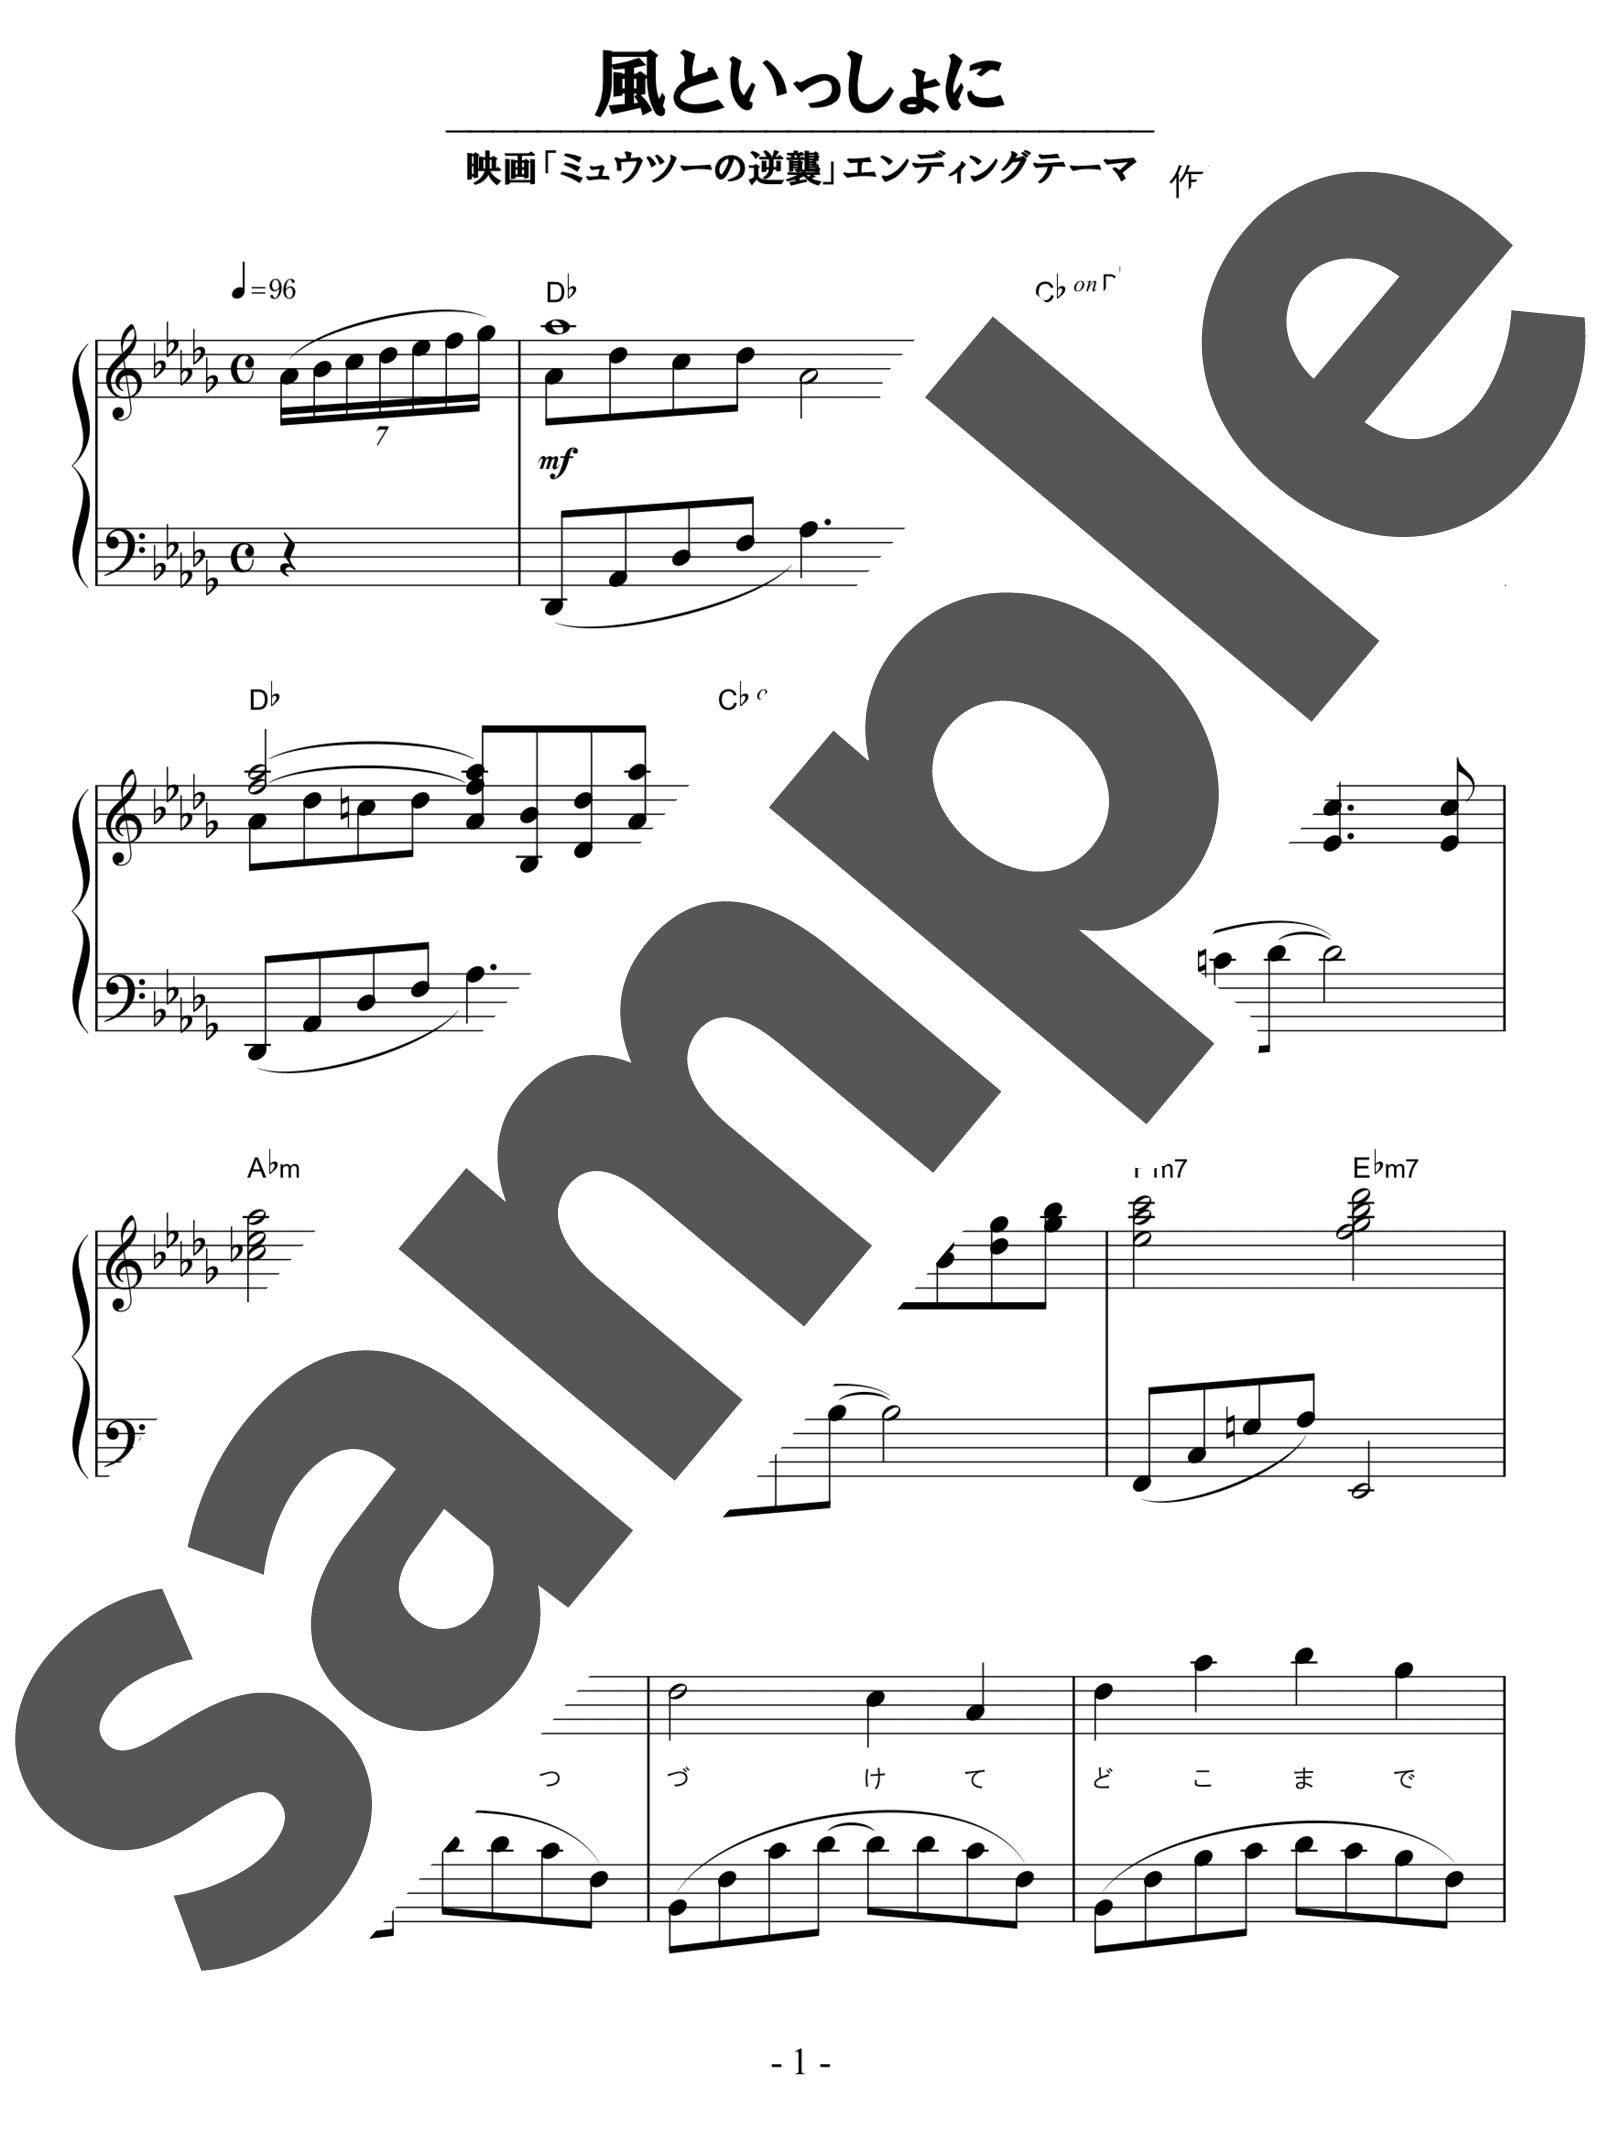 「風といっしょに」のサンプル楽譜